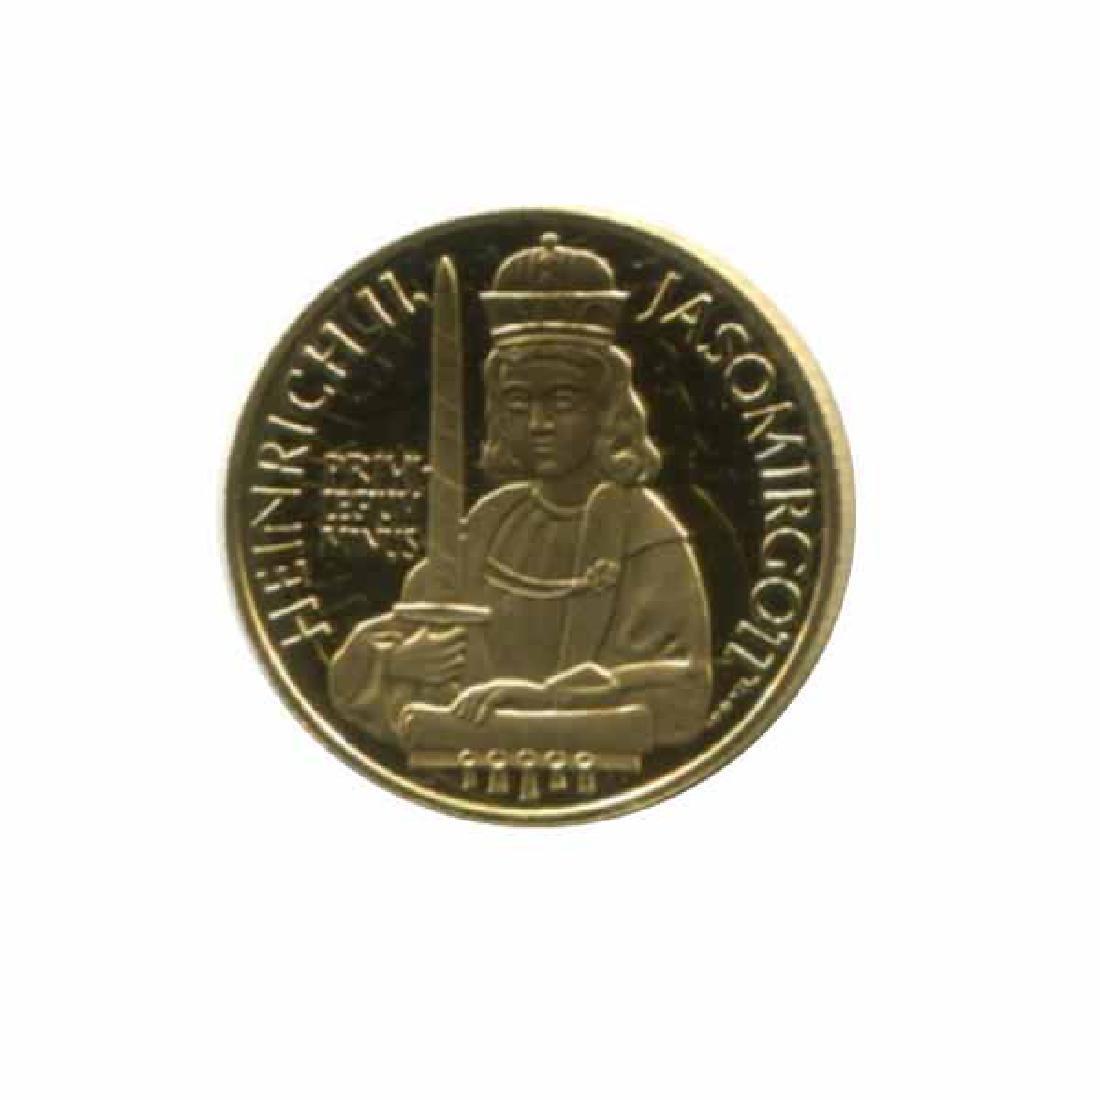 Austria 500 schilling gold PF 1996 Heinrich II